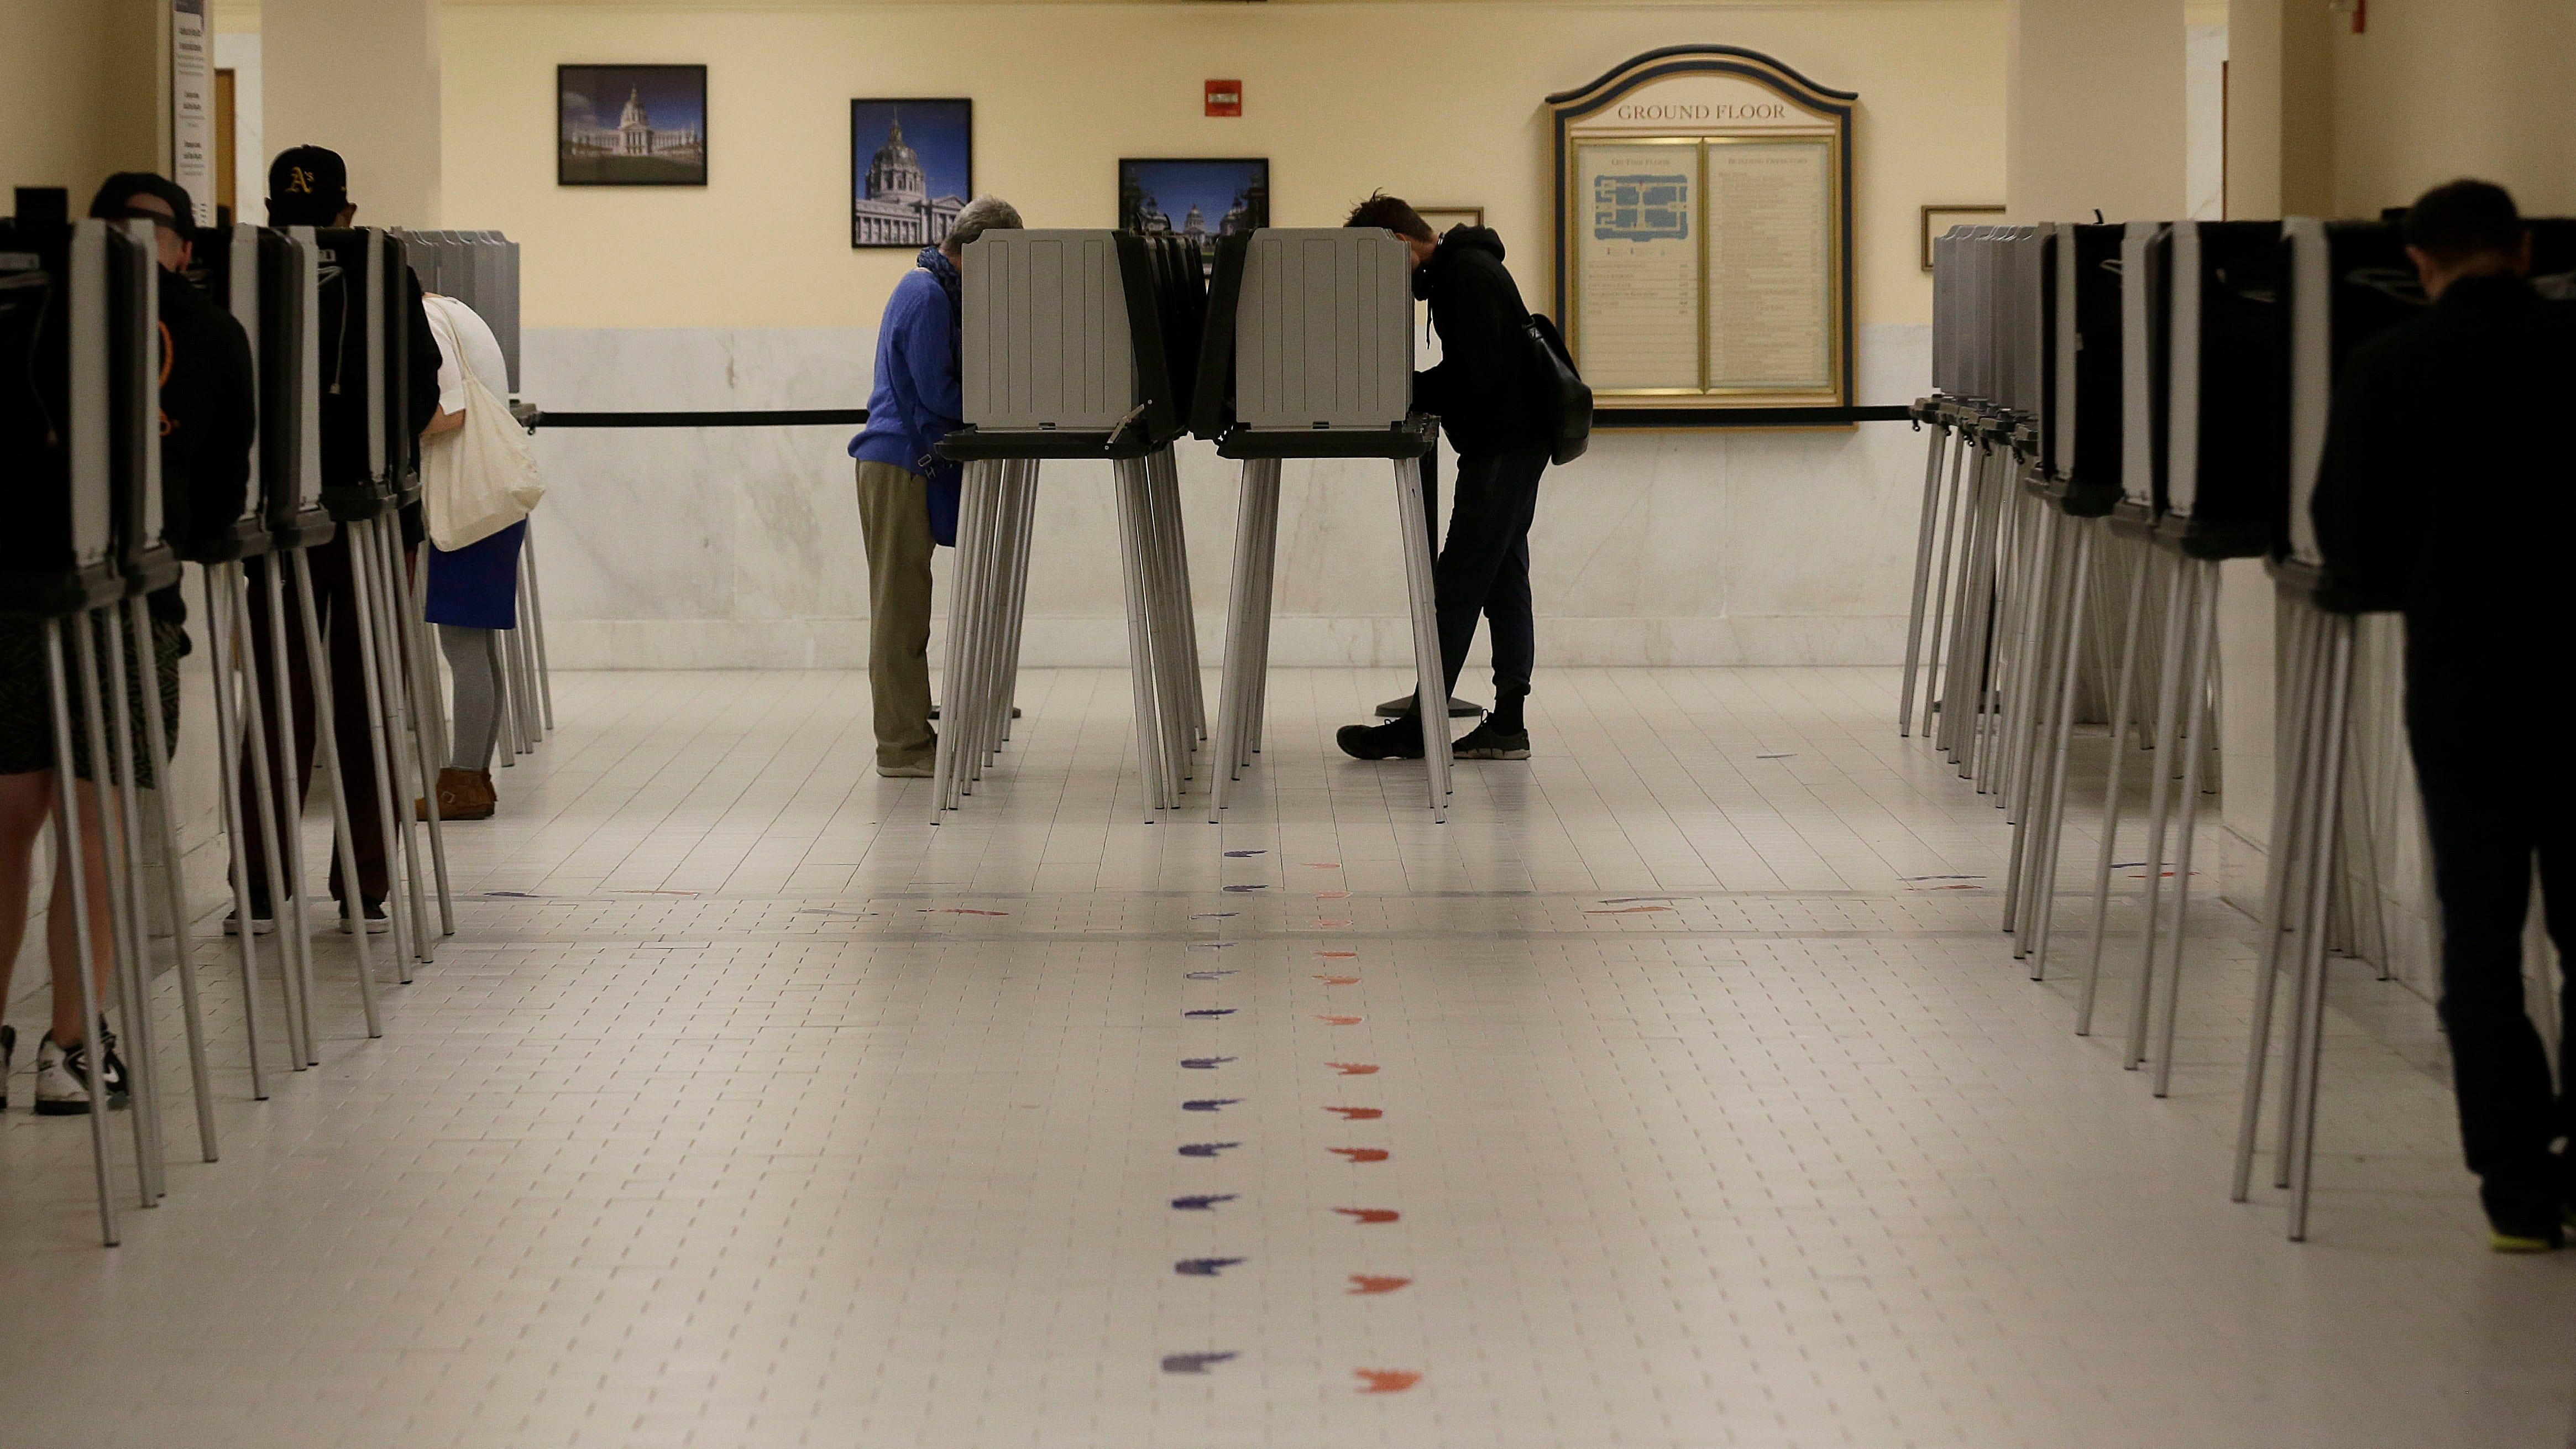 E4464fdf-ad98-4ec3-9518-79943d6a9684-ap_san_francisco_immigrant_voting